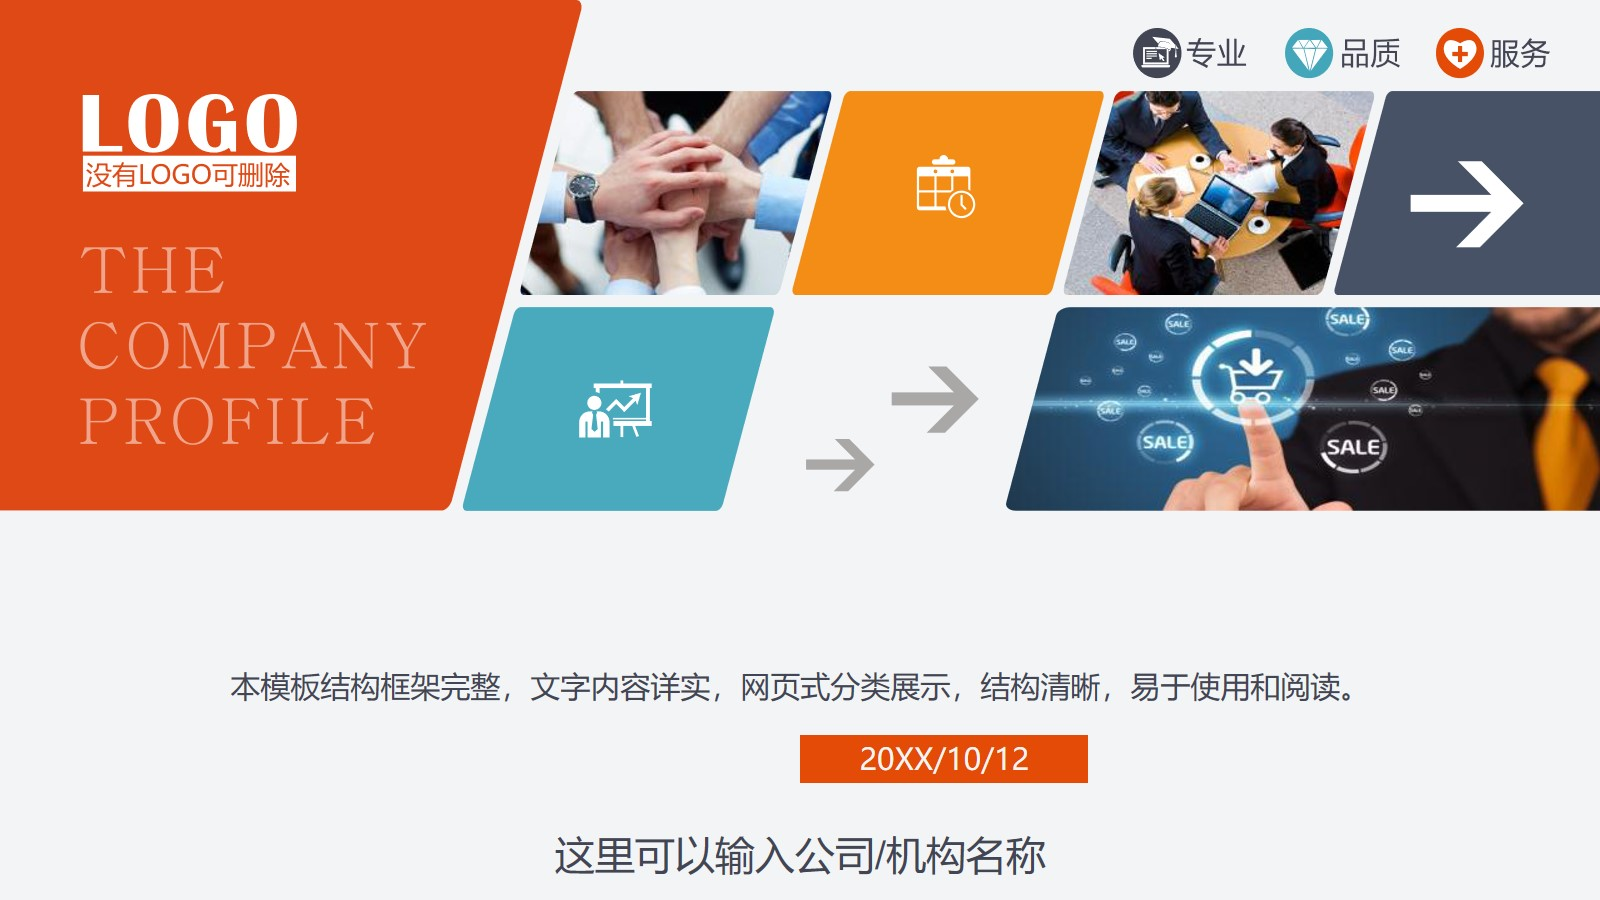 彩色网页样式的企业宣传产品介绍PPT模板